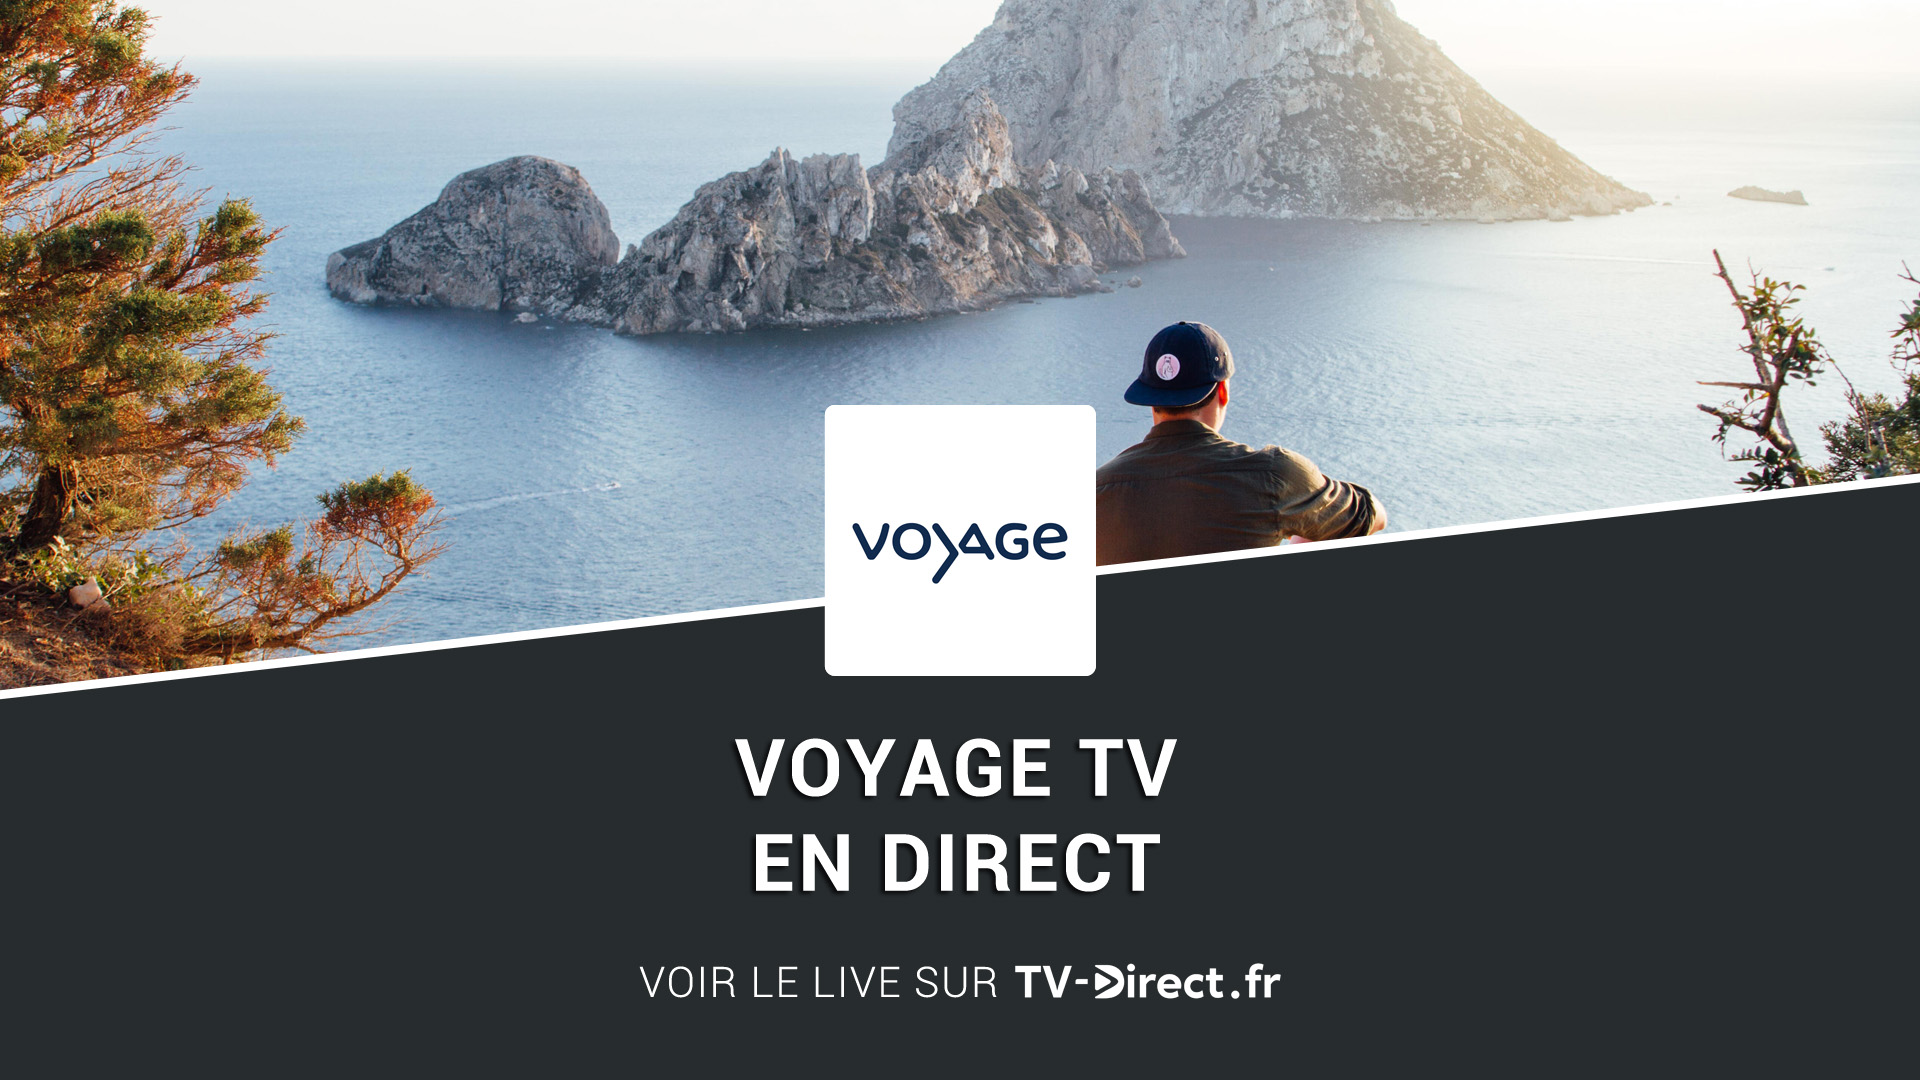 voyage direct regarder voyage tv en direct live sur internet. Black Bedroom Furniture Sets. Home Design Ideas